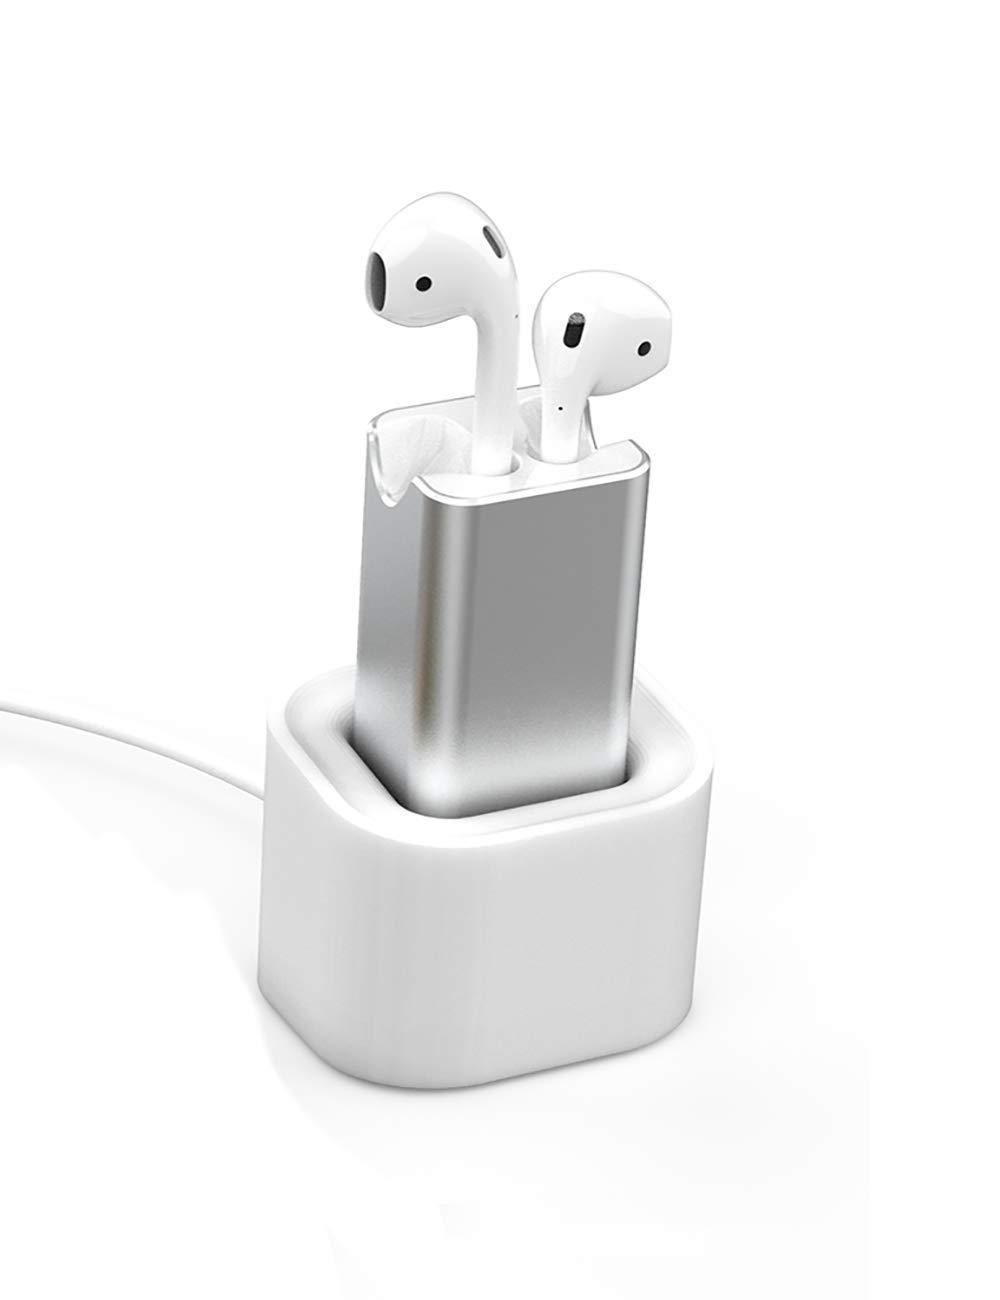 Cargador de Soporte de Auriculares para Airpods, Vou Tiger Base de Carga de Silicona Suave para Auriculares Inalambricos [Carga USB]: Amazon.es: Electrónica